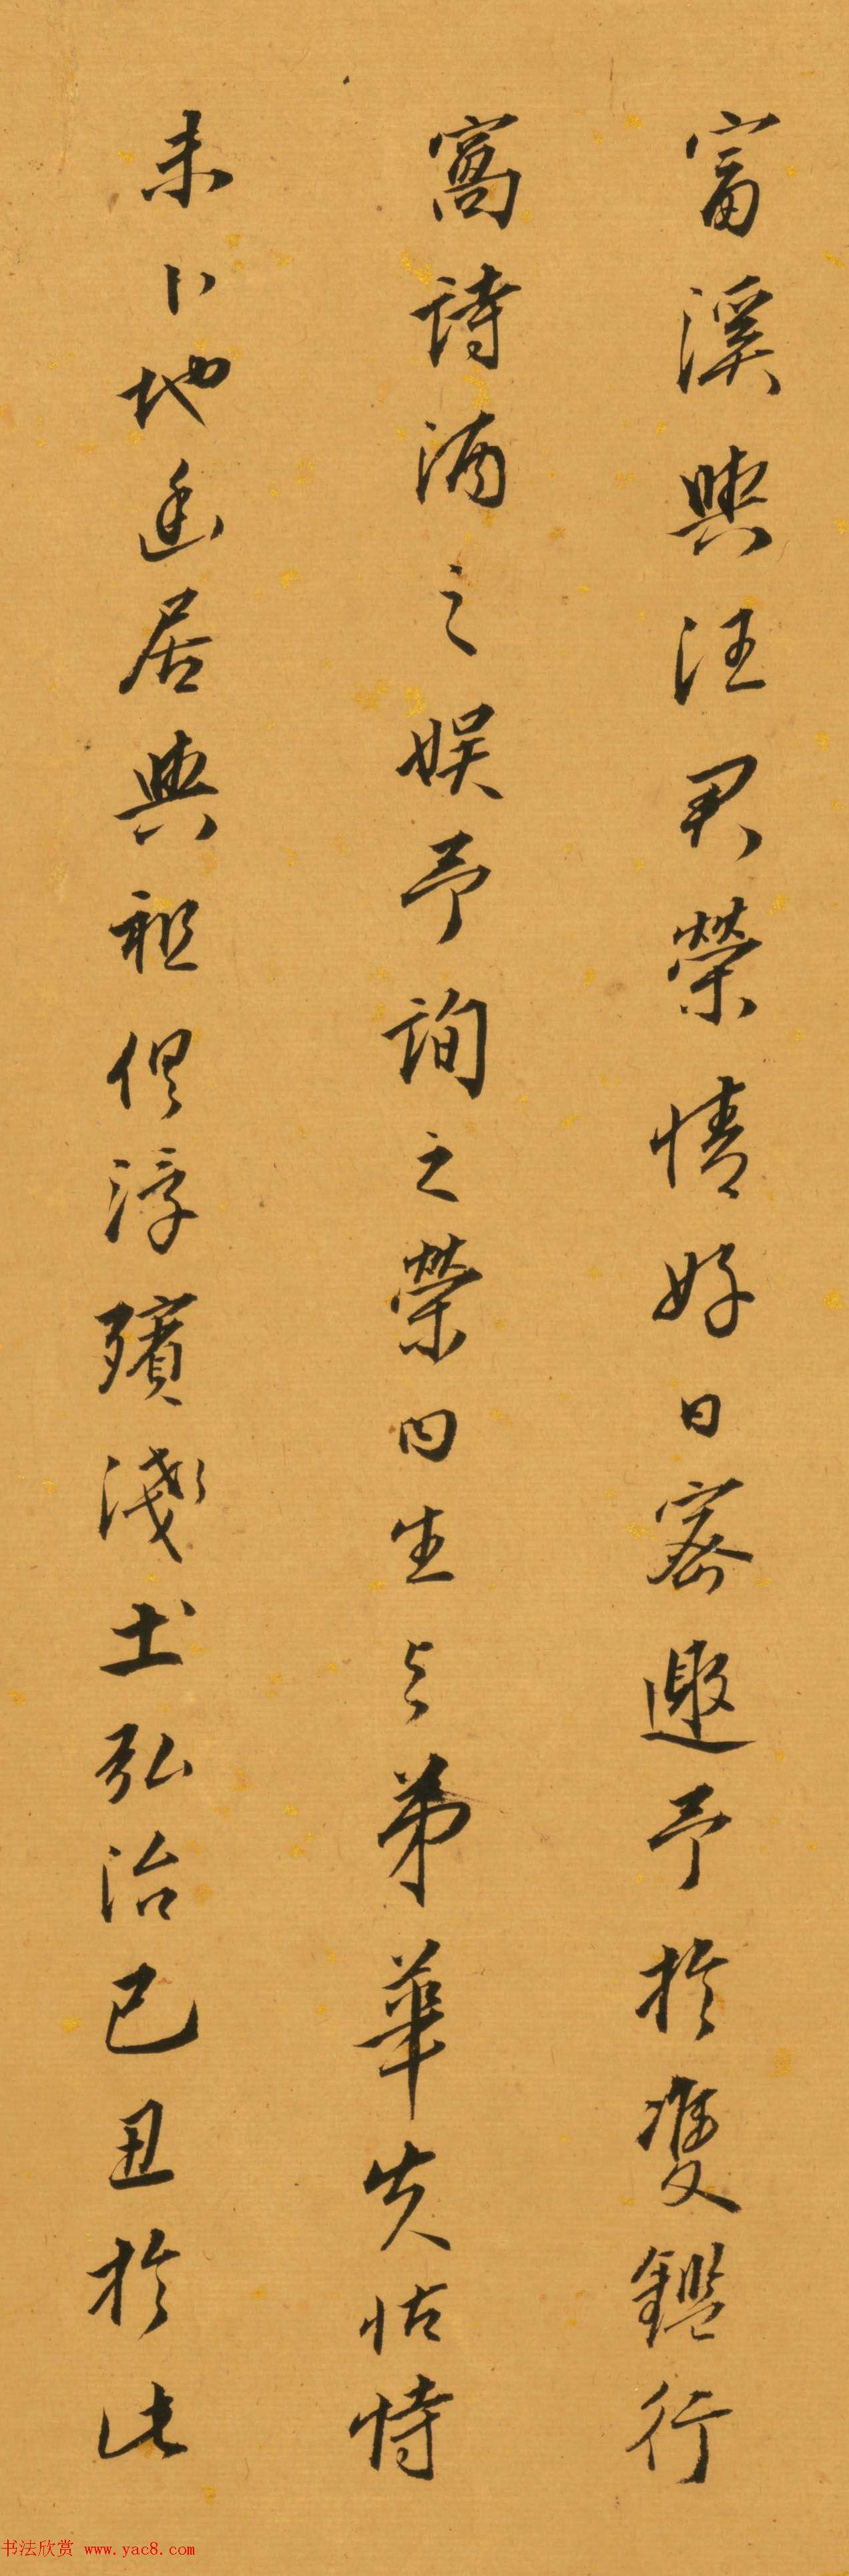 明代吴漳书法墨迹《双鉴行窝记》